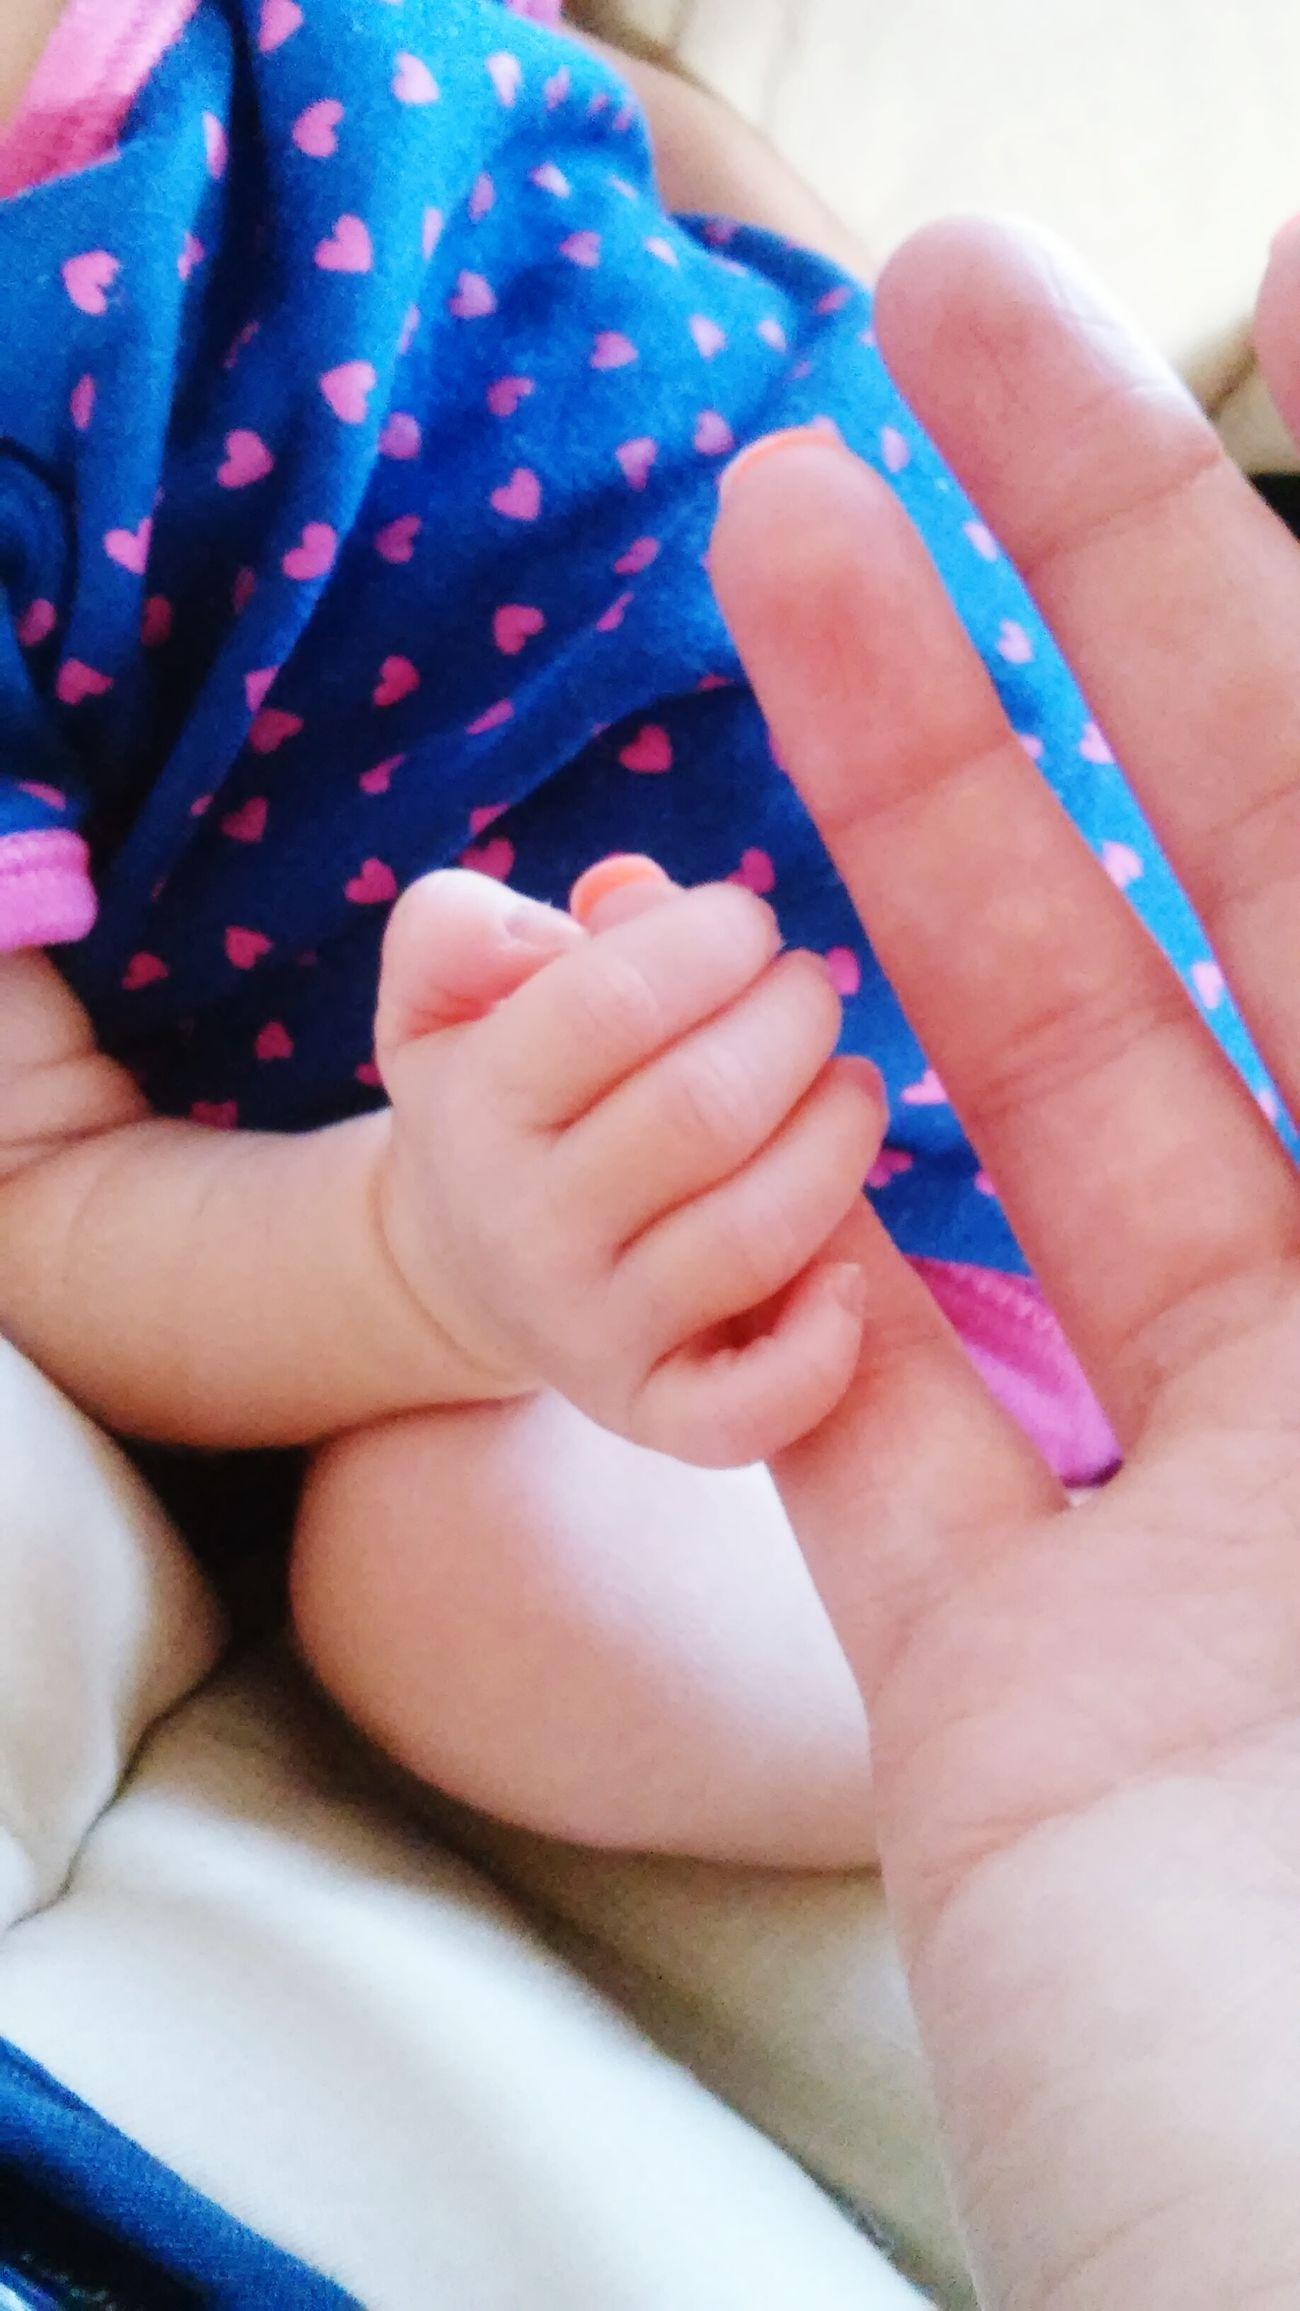 Malutka Mała Dziecko Cute Baby Laura Picoftheday Mojslodziak Beautiful Loveyou♥ Little